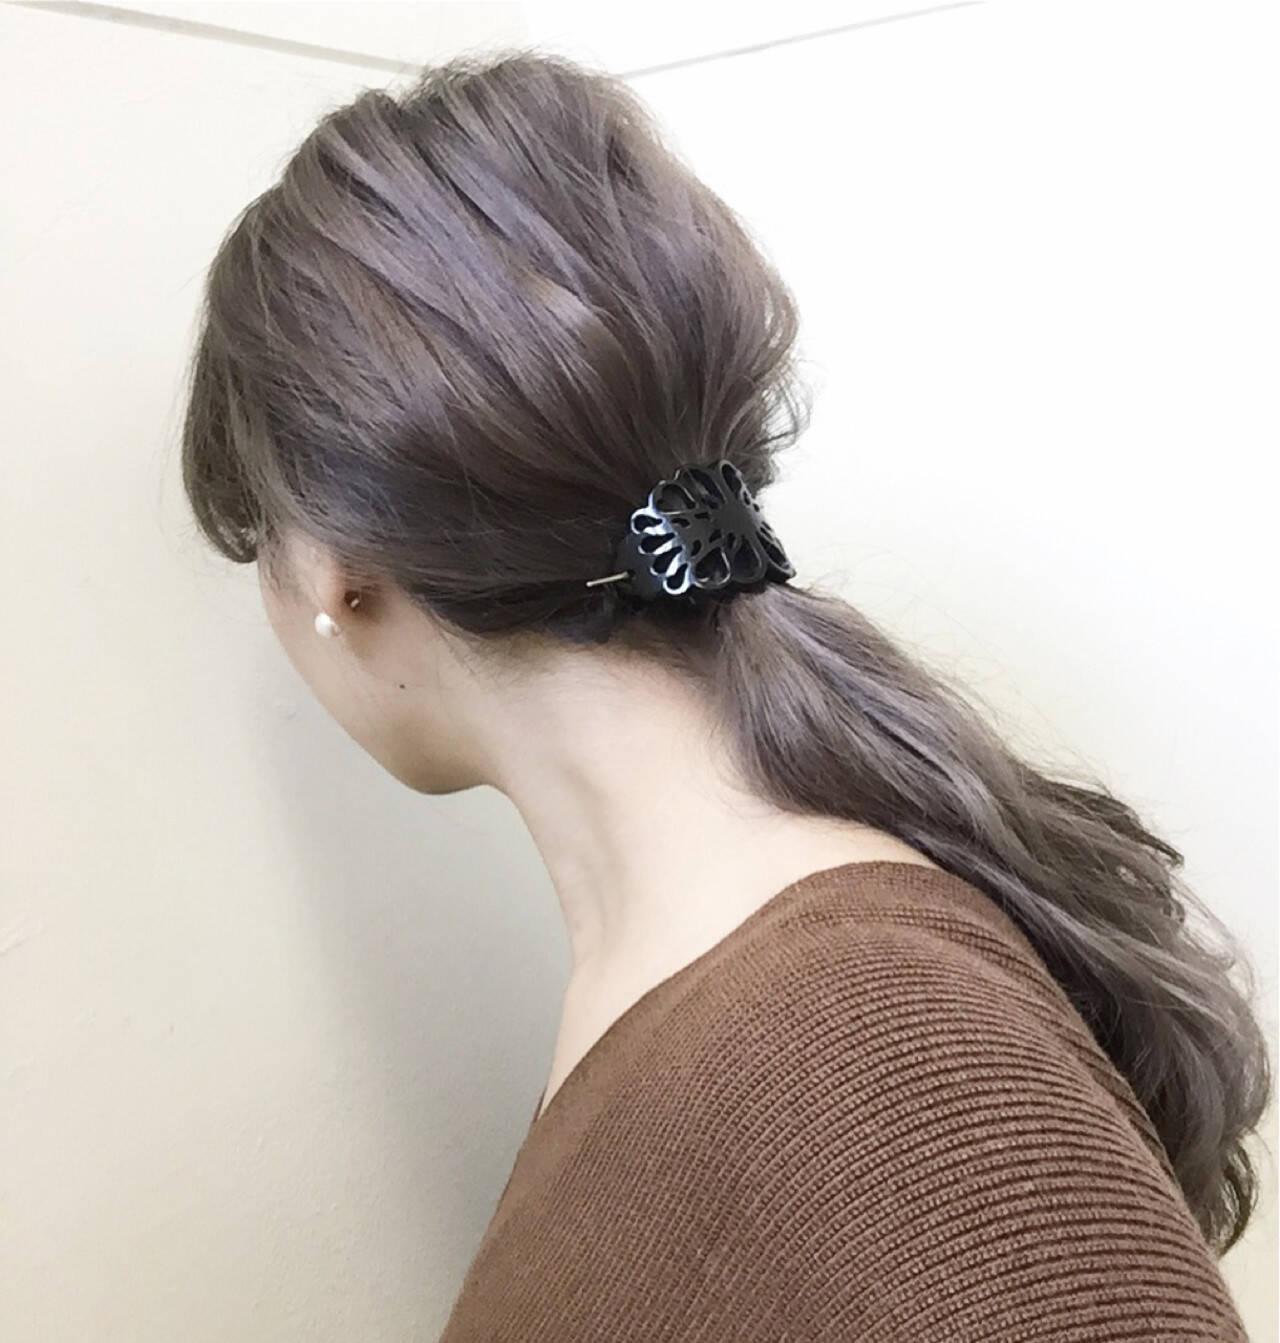 ハイライト アッシュ 大人女子 ショートヘアスタイルや髪型の写真・画像